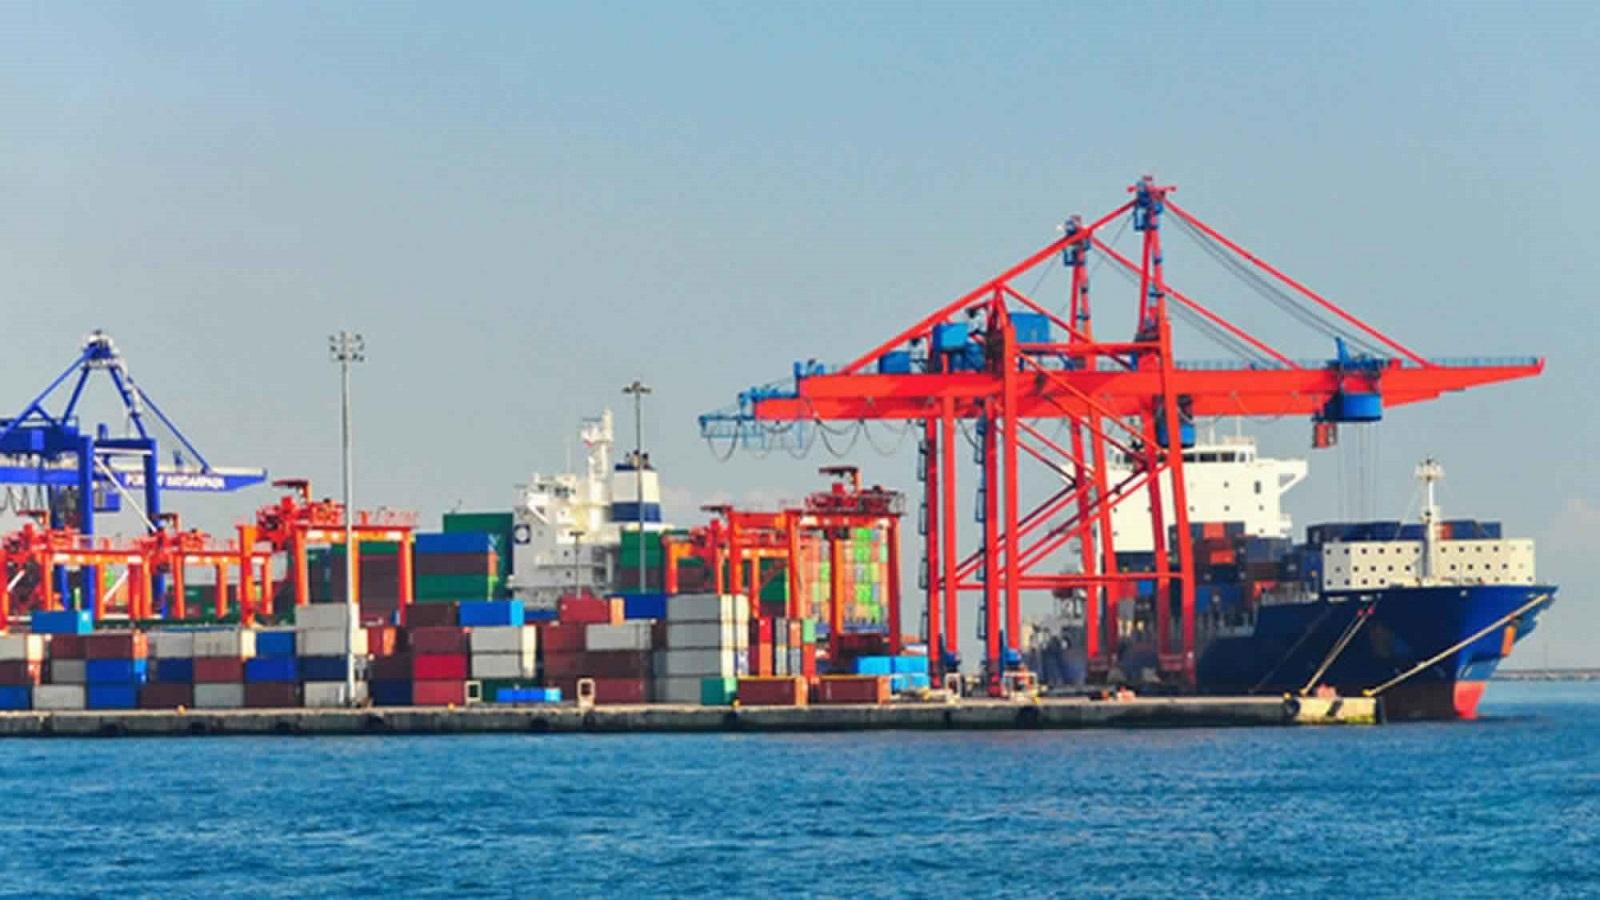 344 مليون دولار حجم الصادرات لإسبانيا خلال 6 شهور